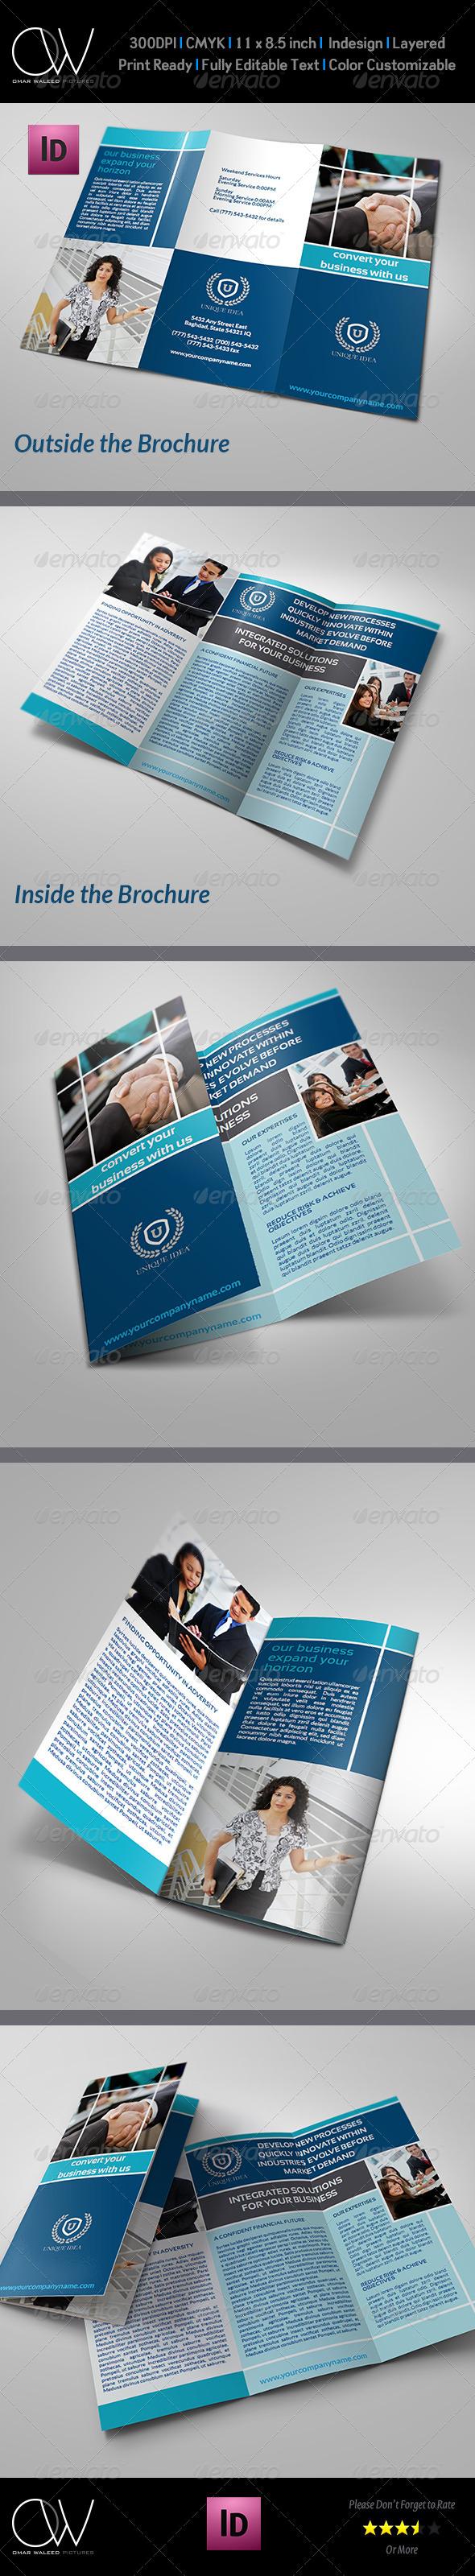 GraphicRiver Company Brochure Tri-Fold Brochure Vol.4 6251854